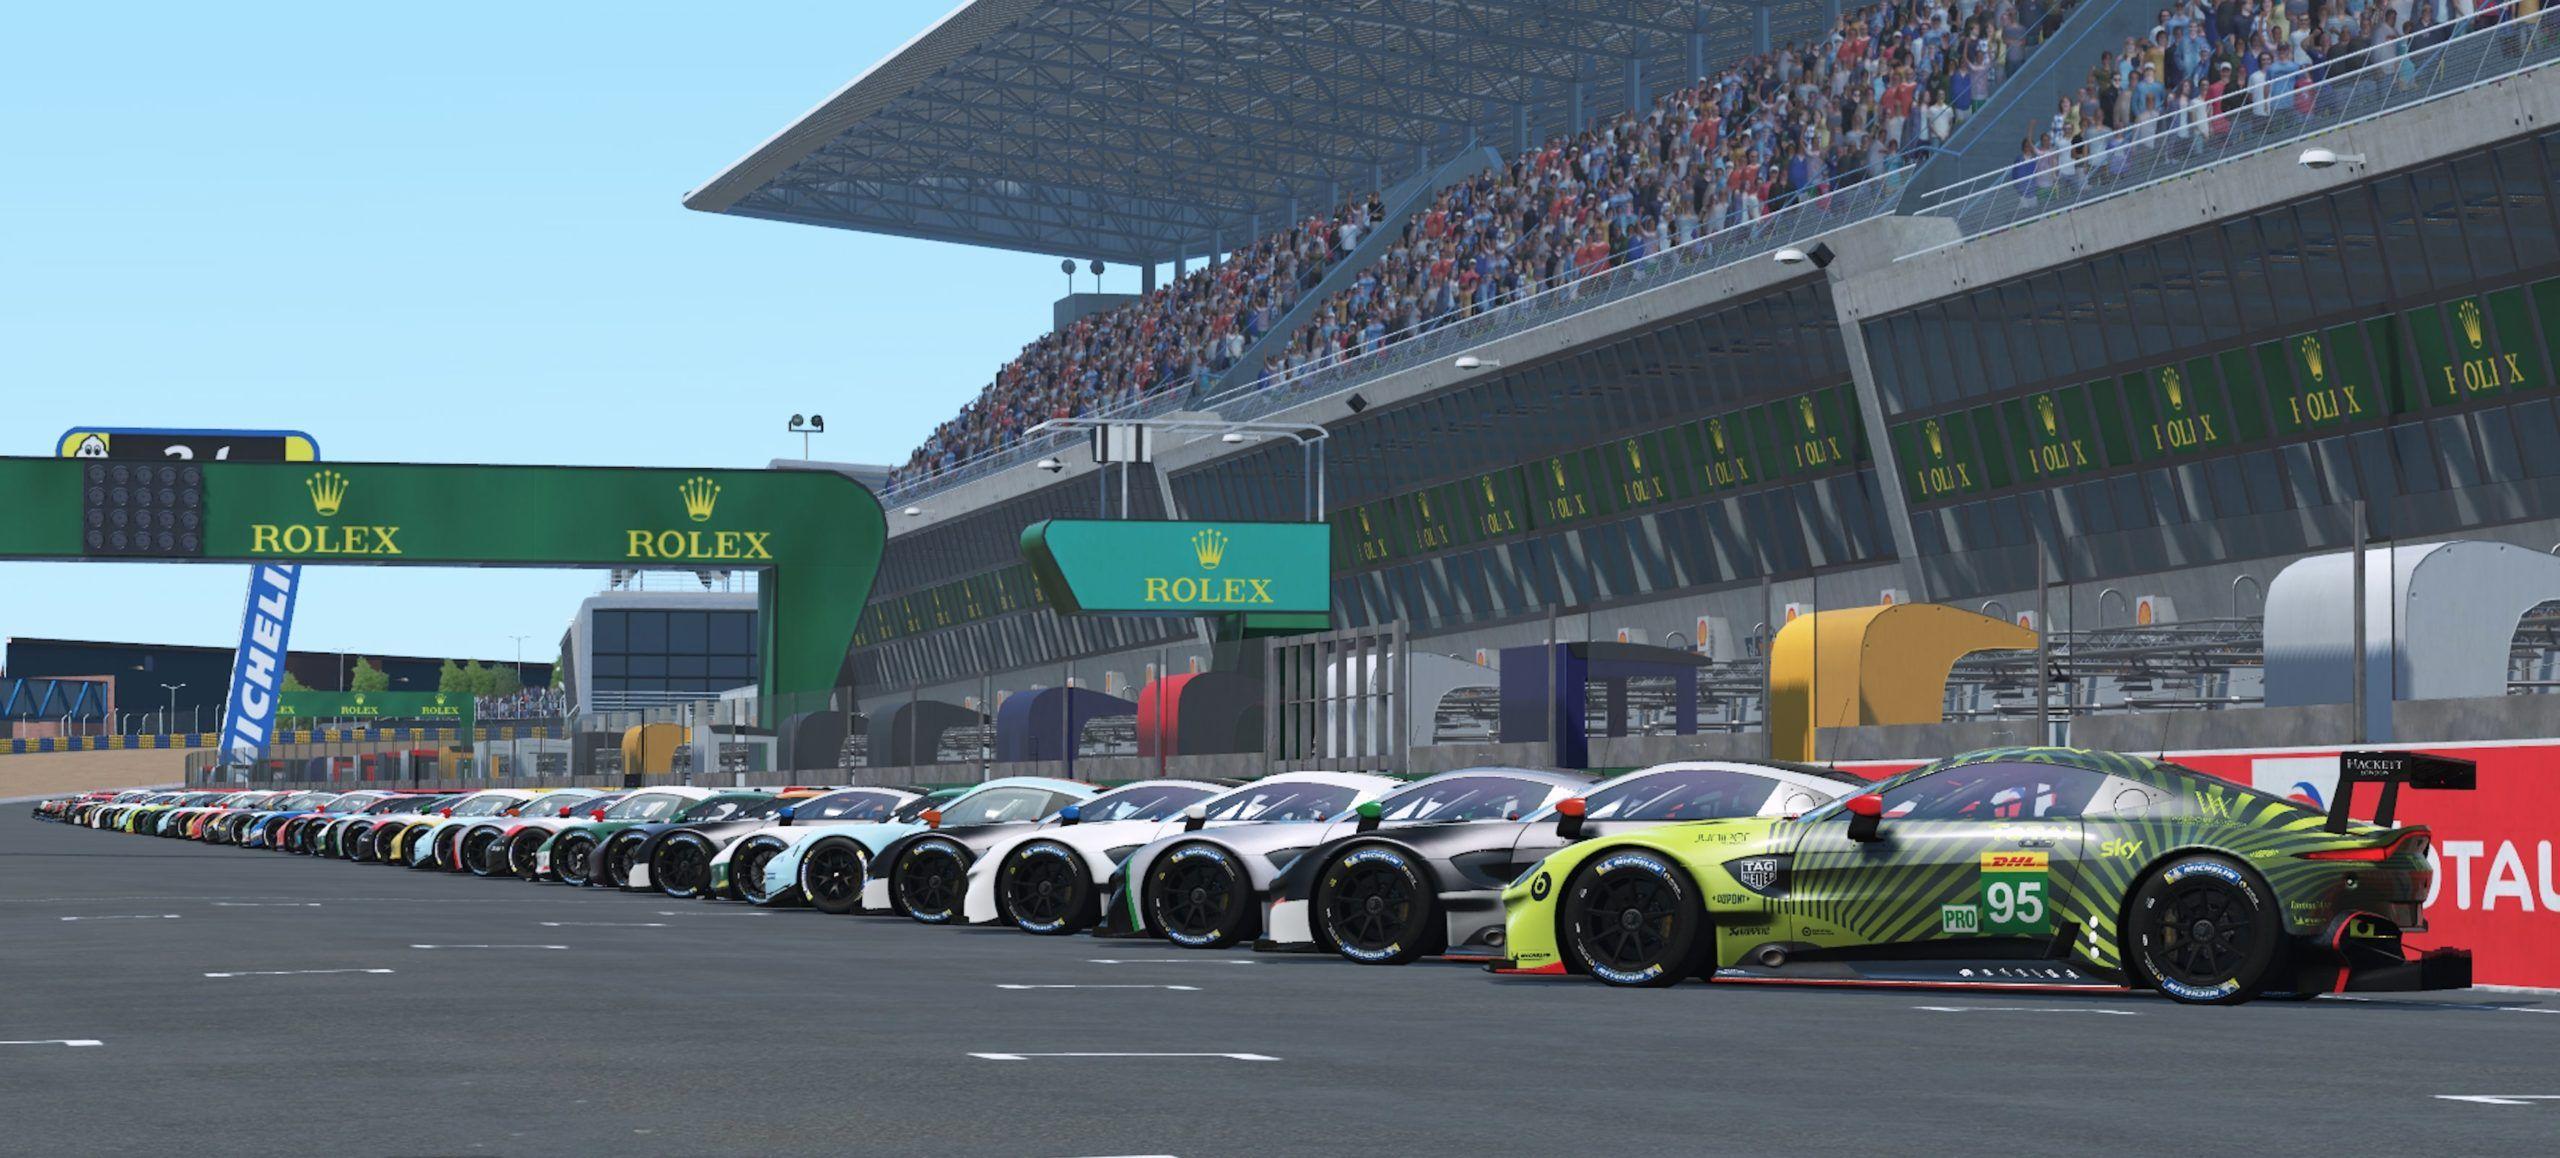 24 Heures du Mans une course virtuelle les 13 et 14 juin